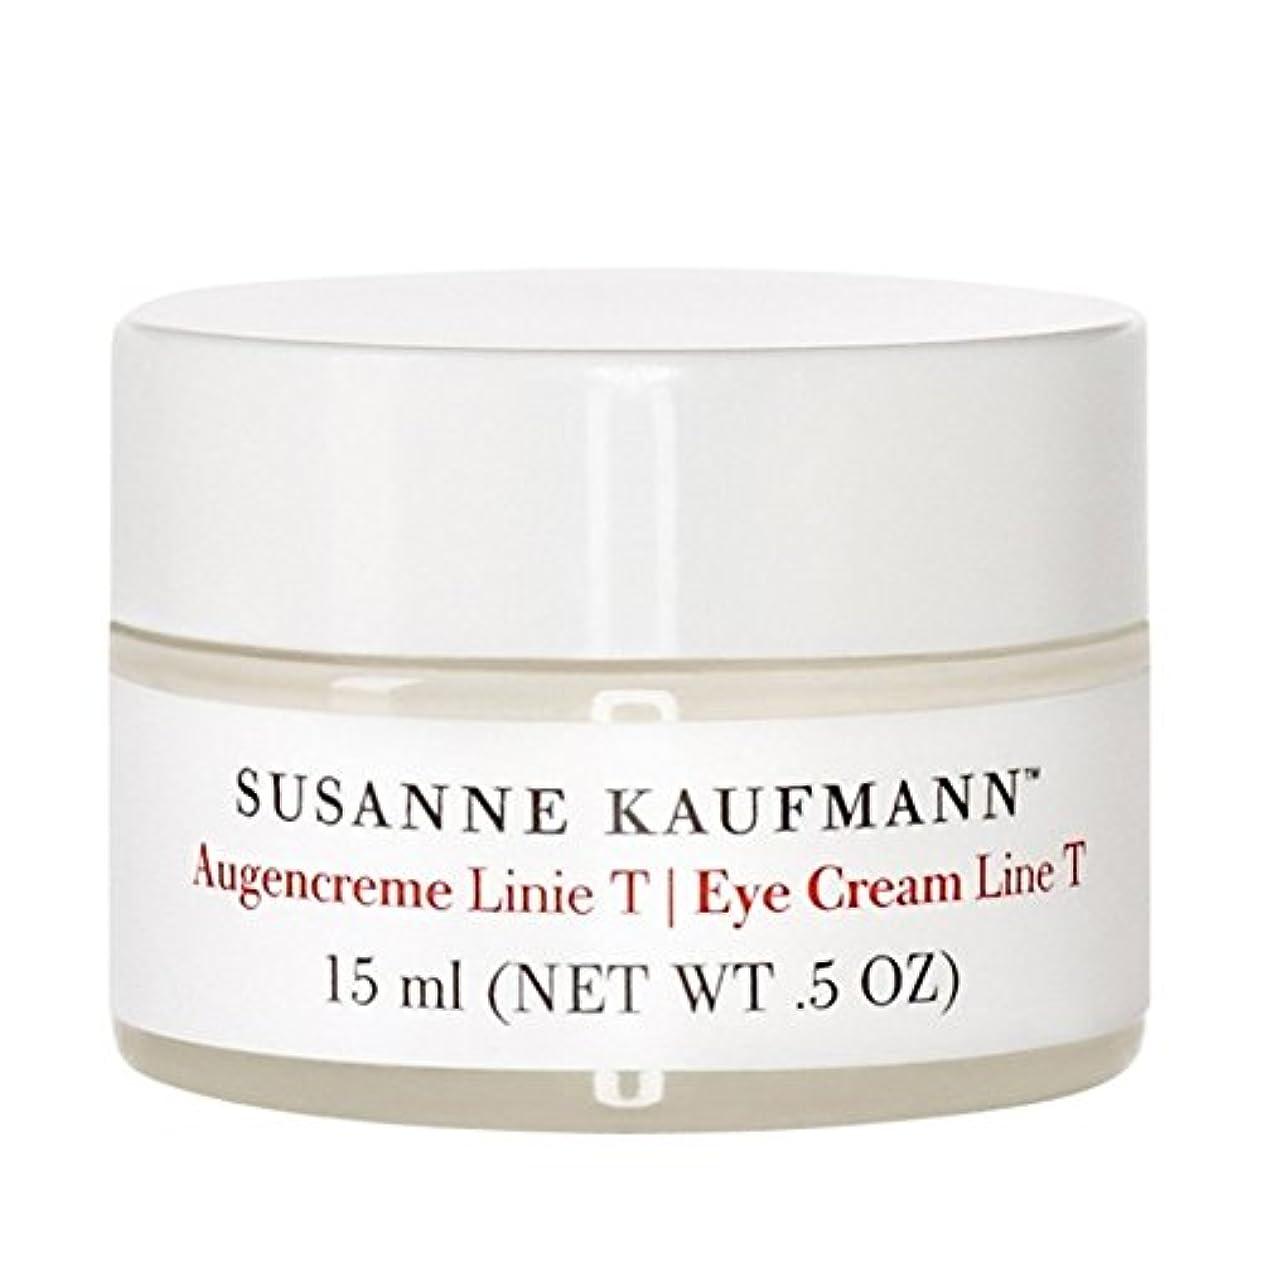 を必要としています哲学緊張スザンヌカウフマンアイクリームライントンの15ミリリットル x2 - Susanne Kaufmann Eye Cream Line T 15ml (Pack of 2) [並行輸入品]